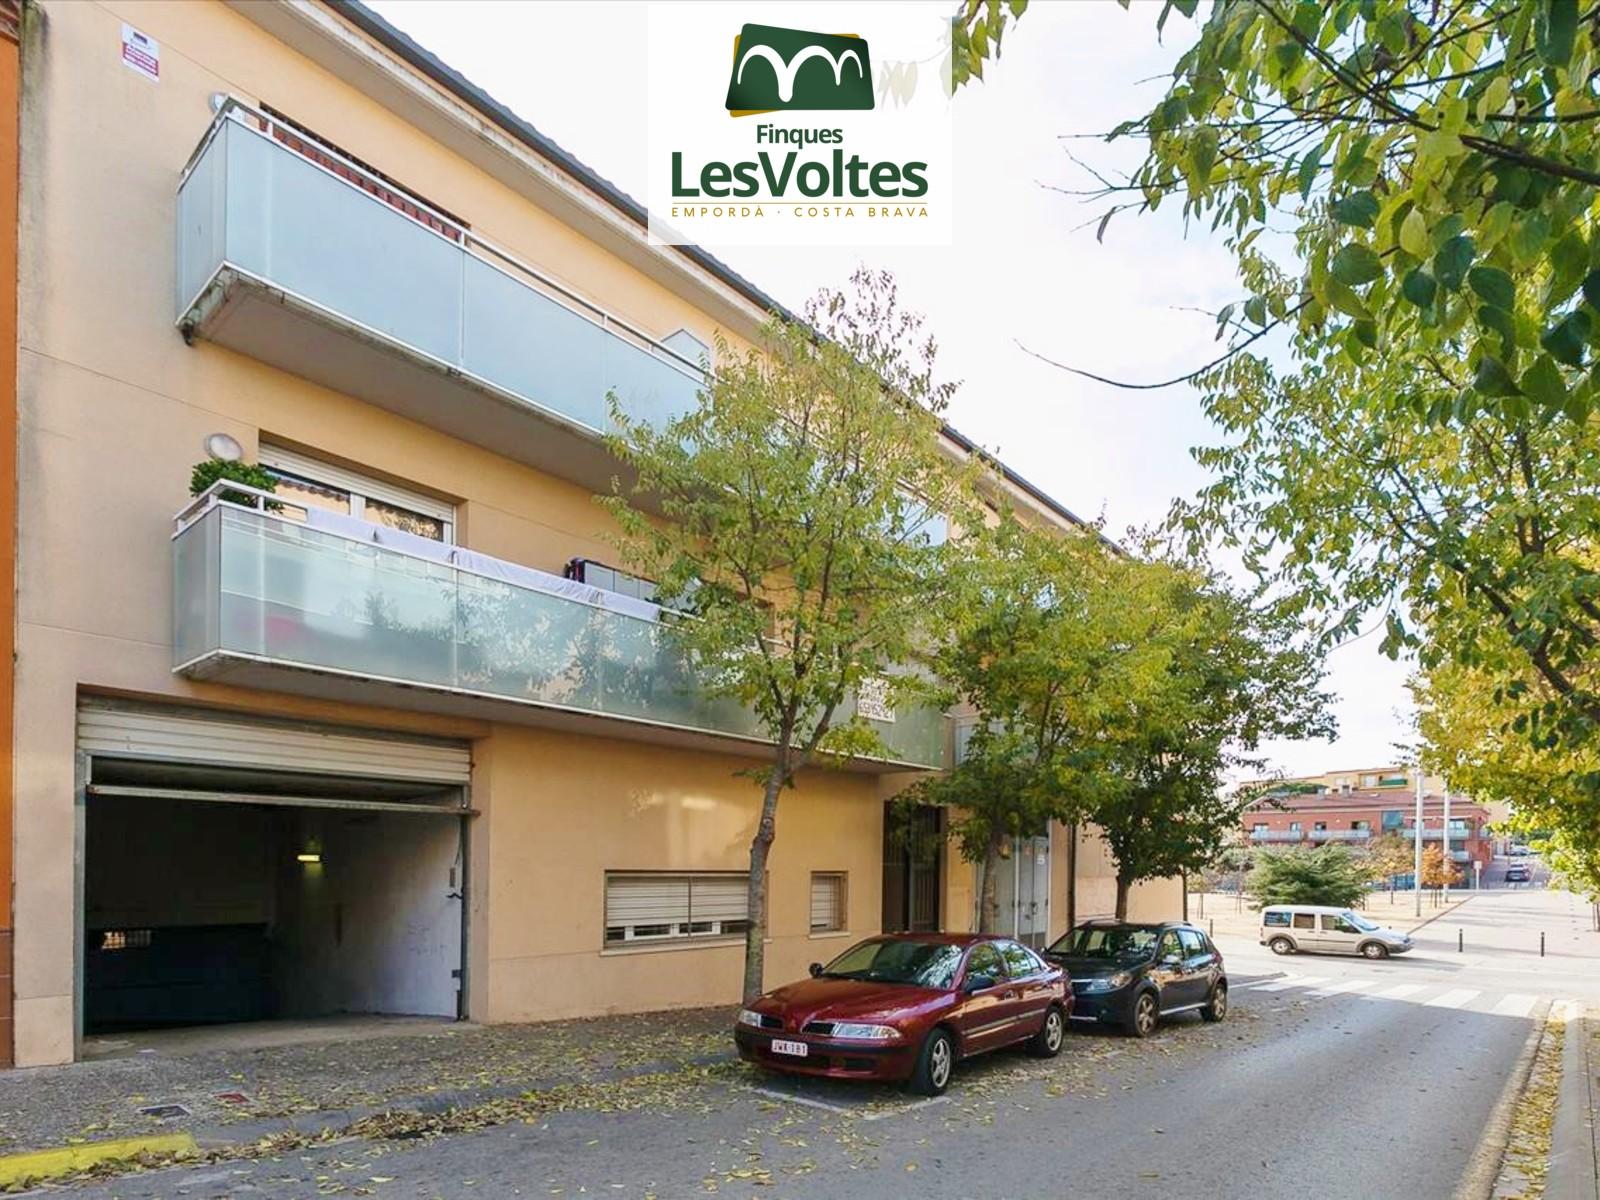 Piso de 2 habitaciones en venta en zona bien comunicada de Palafrugell. Pequeña comunidad de vecinos con ascensor.